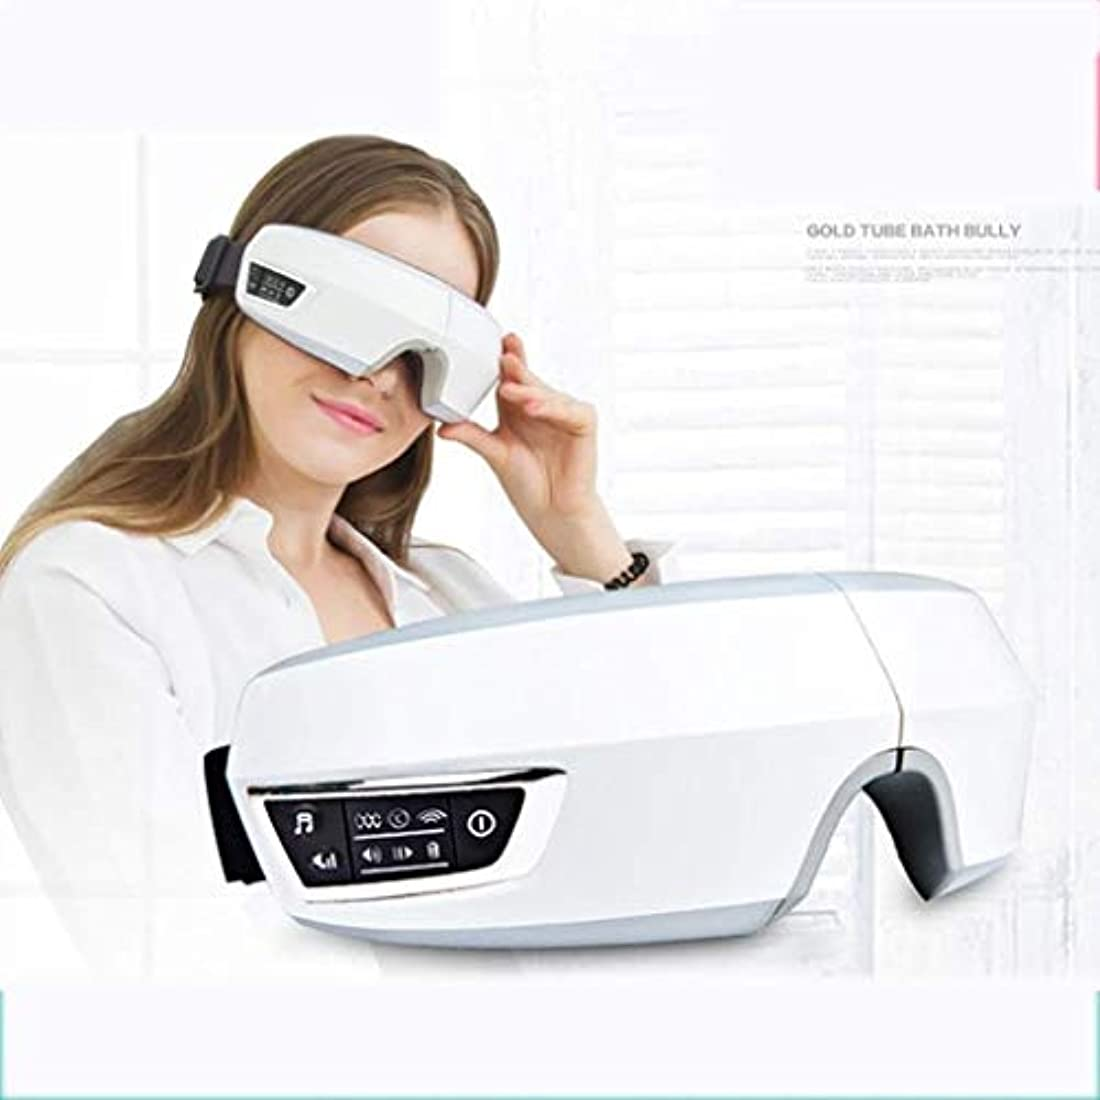 レンジ盆自動的にUSB充電アイマッサージャー、アイケアアイマッサージ器具、ホットコンプレス、ダークアイビューティー器具の改善、視力保護アイピース、疲労軽減